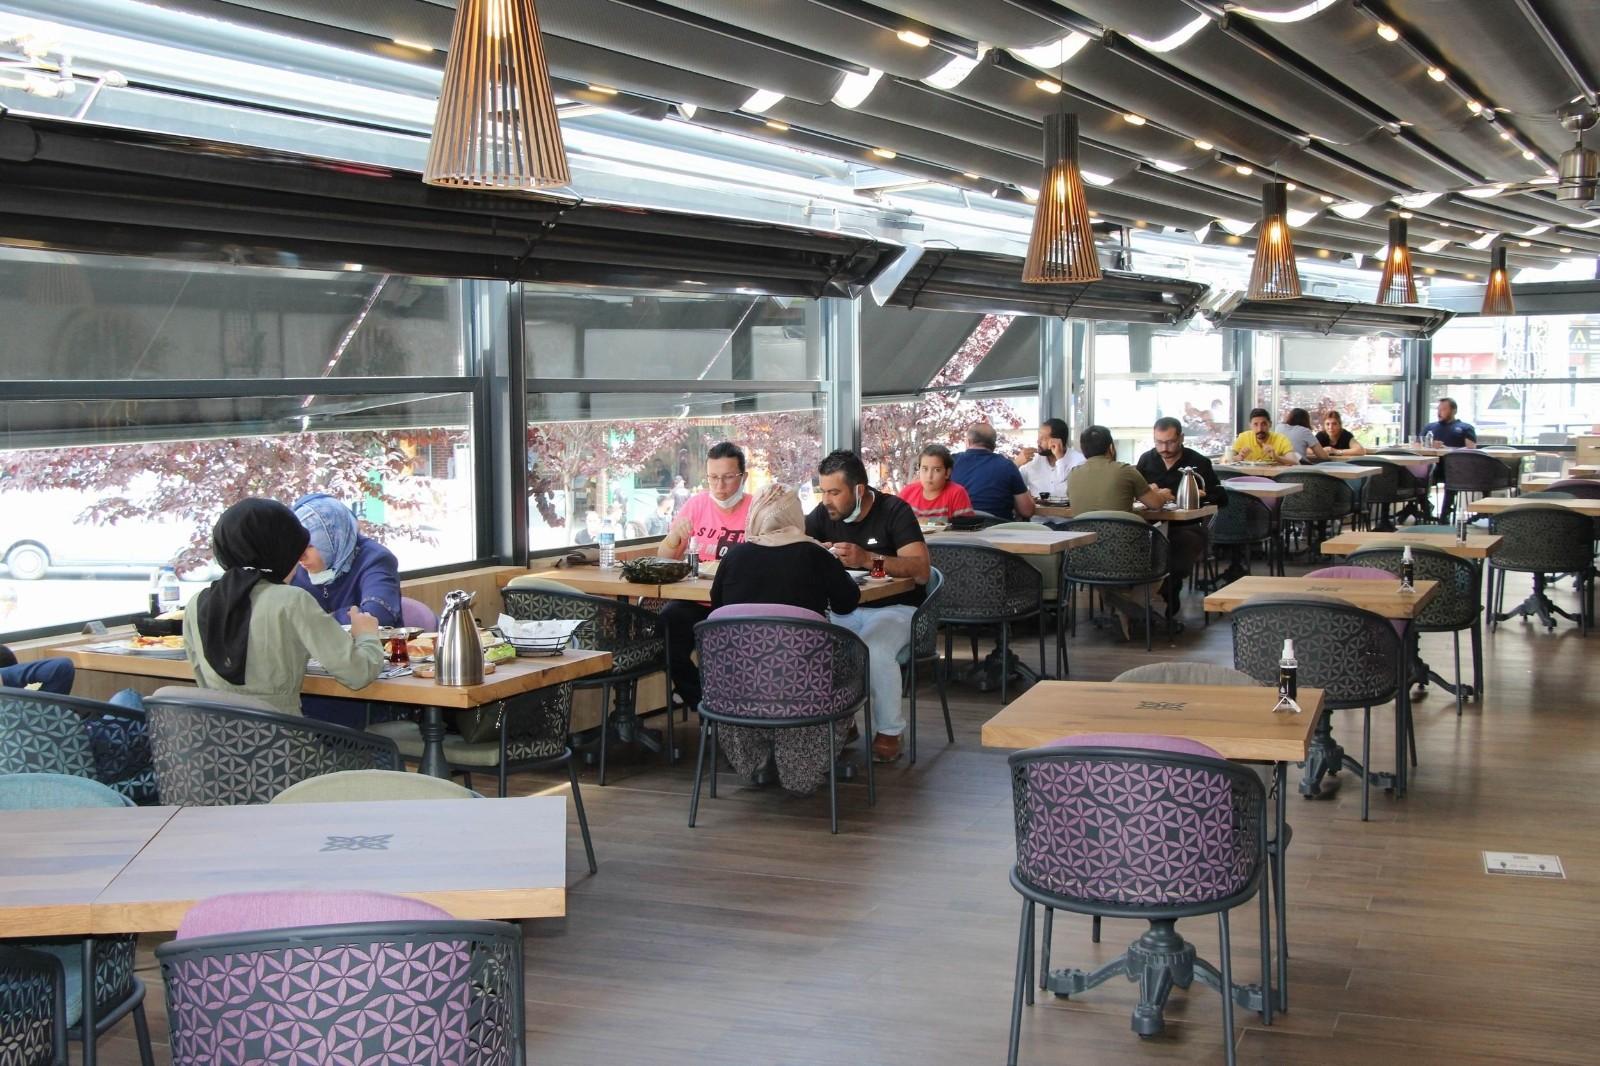 Kafe ve restoranlara vatandaşlar yoğun ilgi gösteriyor